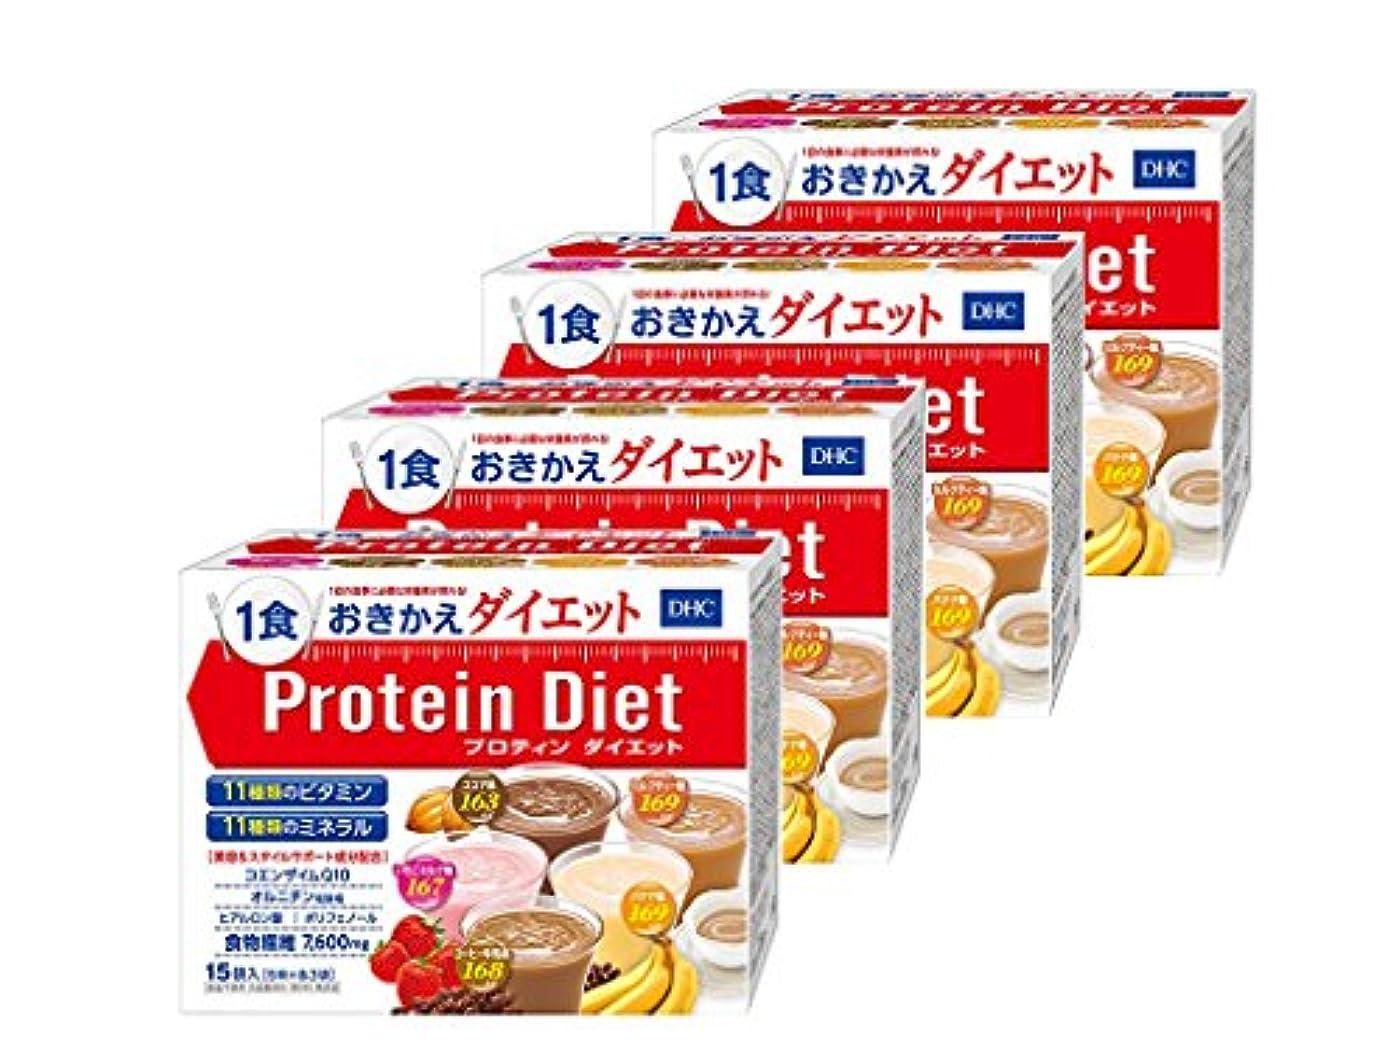 ビジョン厚いミリメーターDHC プロティンダイエット 1箱15袋入 4箱セット 1食169kcal以下&栄養バッチリ! リニューアル